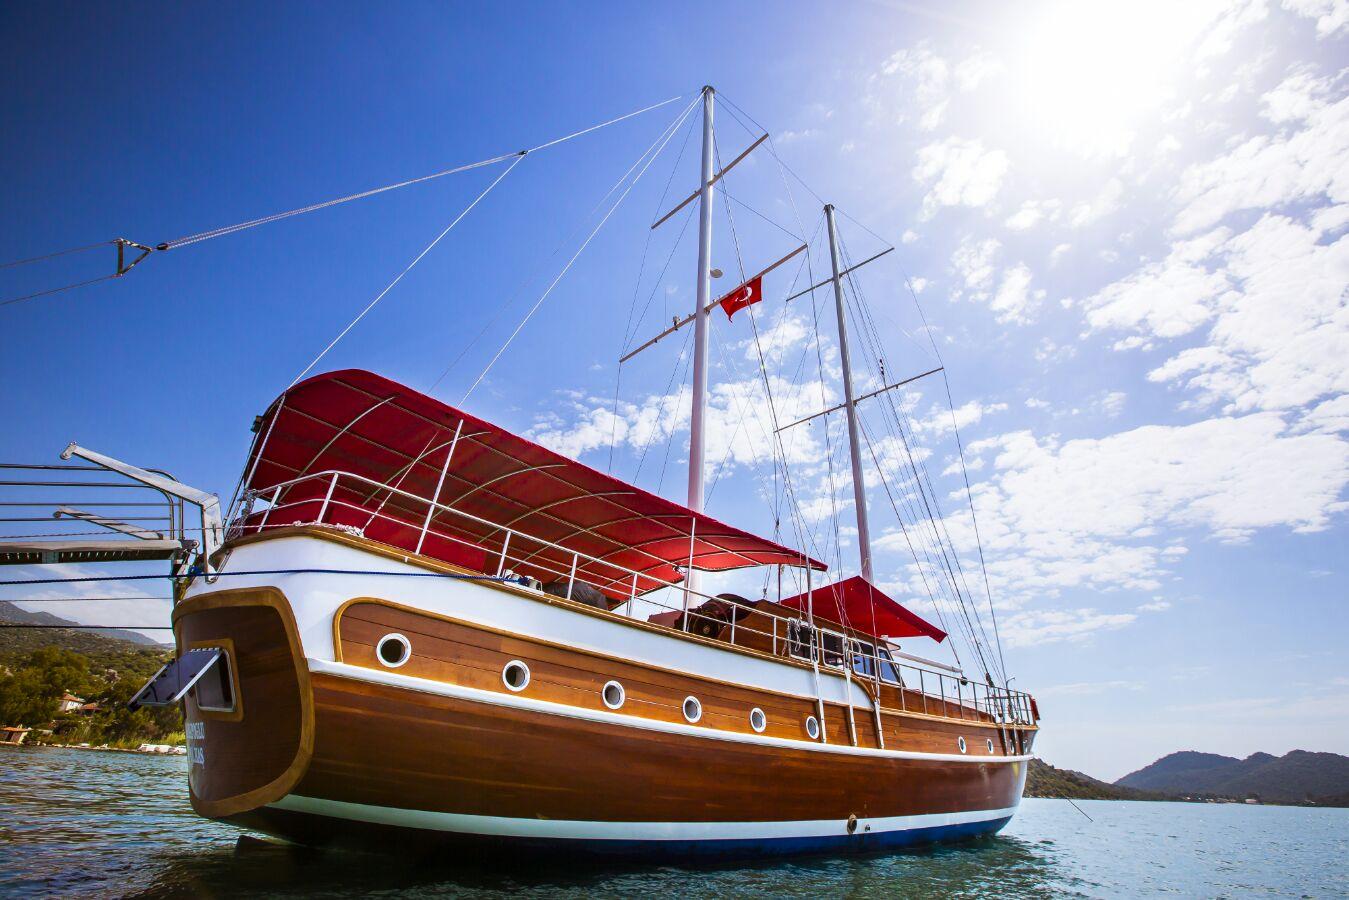 Italy, Sardinia, Cannigione. Gulet Victoria Yacht Charter Italy